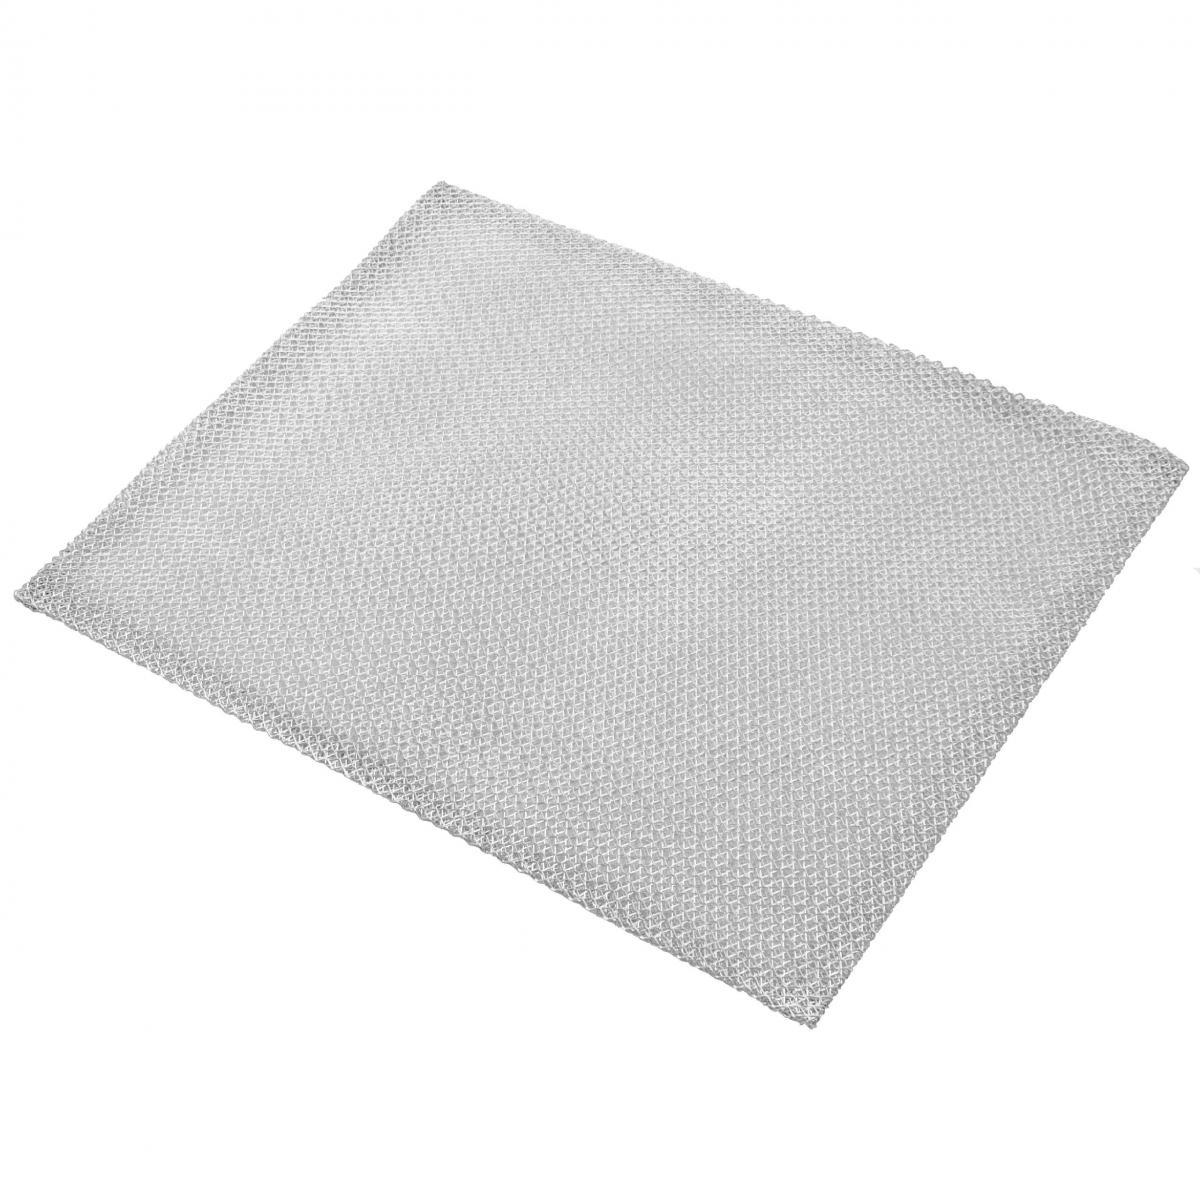 Vhbw vhbw Filtrepermanent filtre à graisse métallique 30 x 23,6 x 0,3cm convient pour Whirlpool AKR 973 857897301120 hottes d